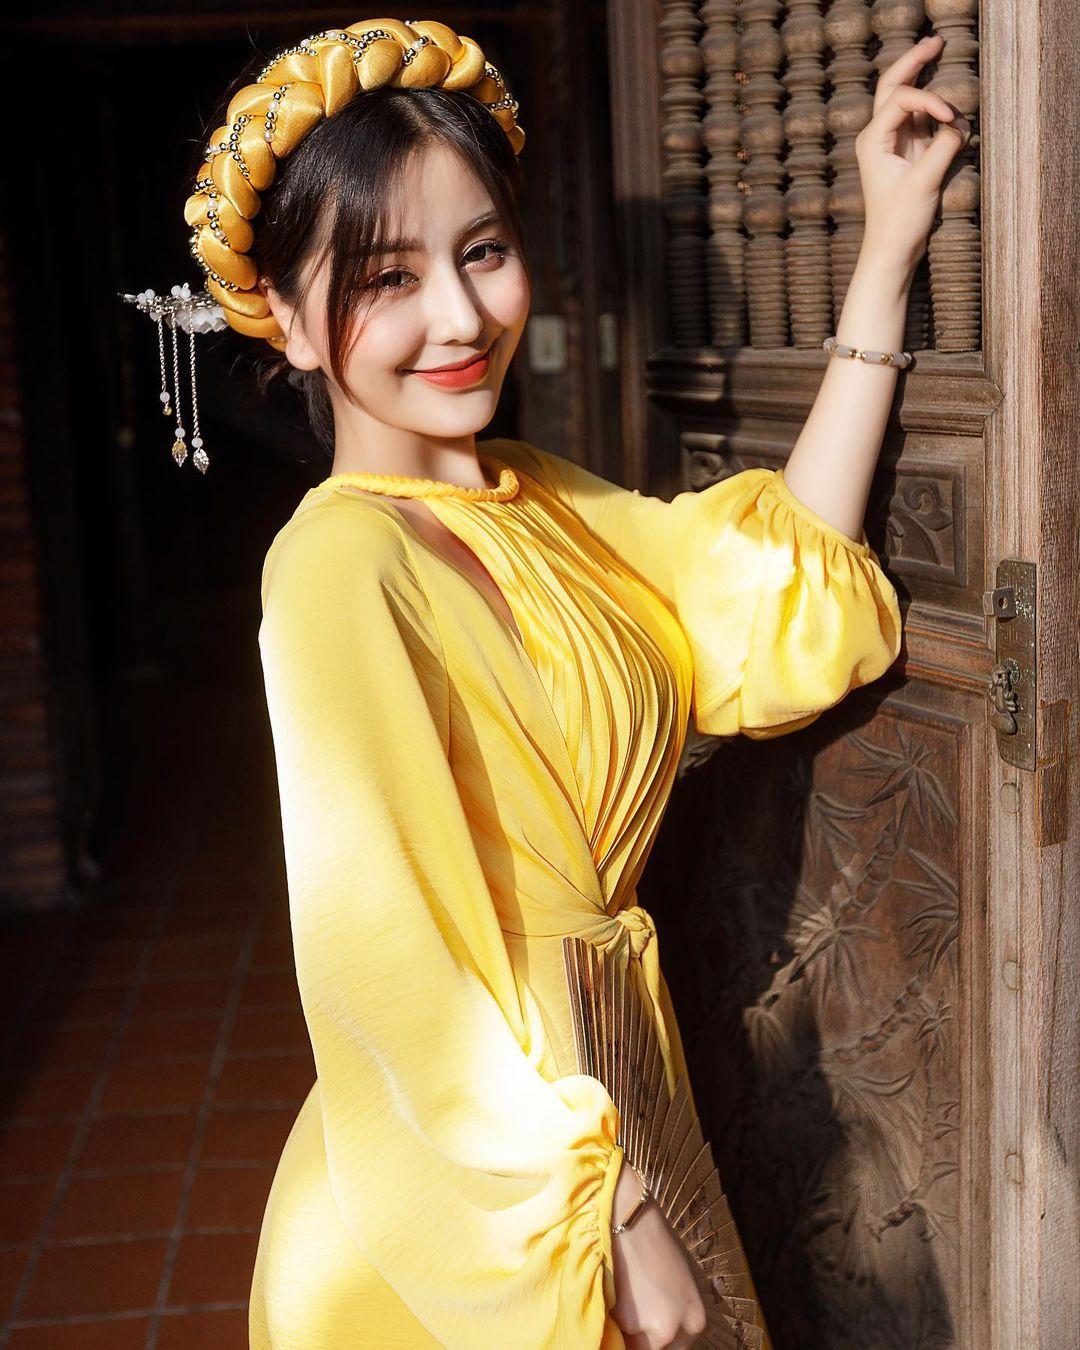 越南超人气网美「Chin」逆天身材看着就肾上激素上升~插图8